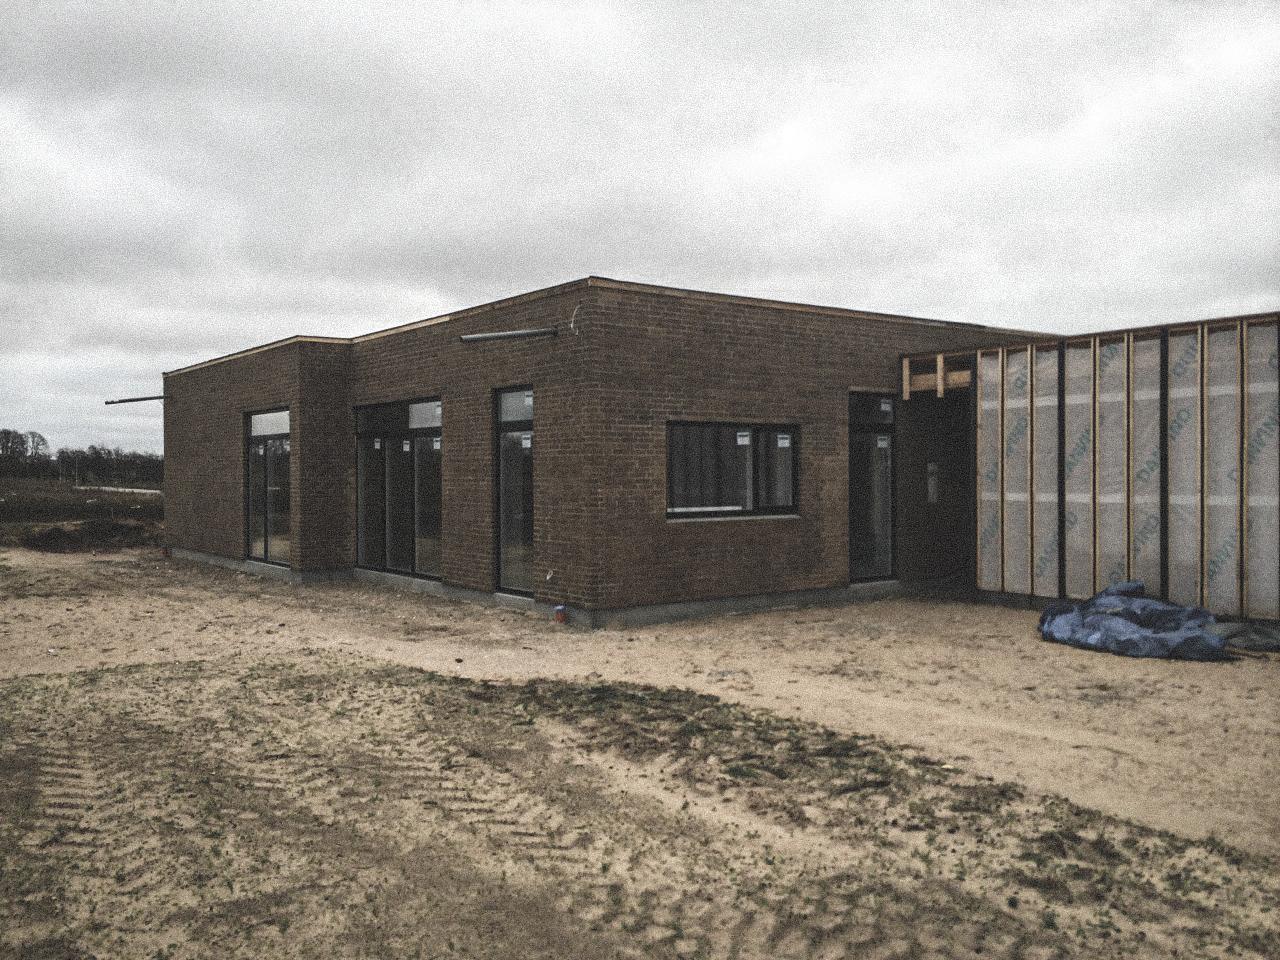 Billede af et igangværende byggeri i Hjallerup-status, tegnet af arkitektfirmaet m2plus.